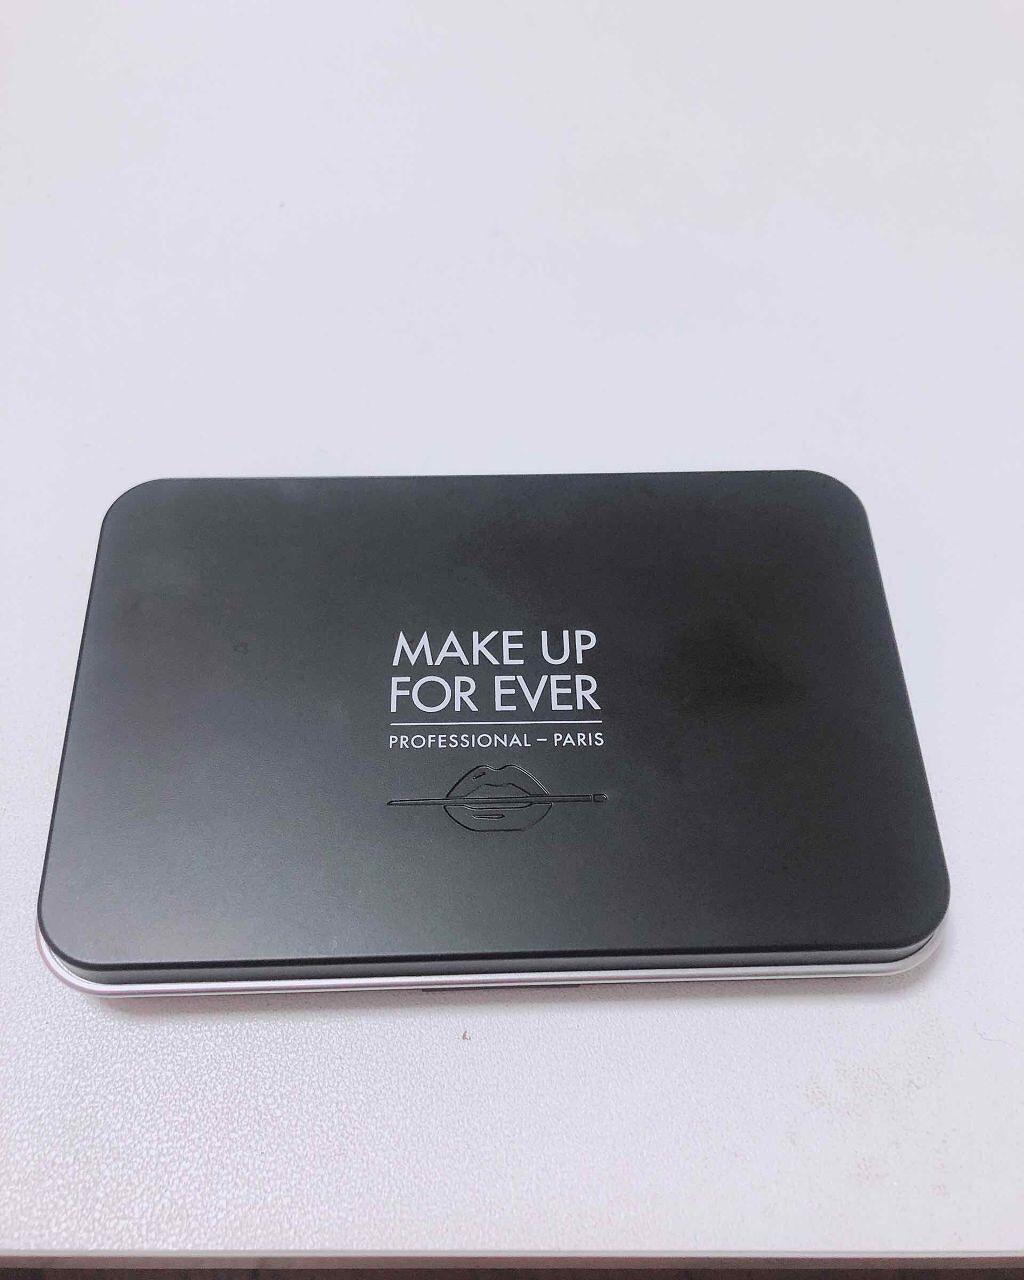 マットベルベットスキン コンパクトファンデーション|MAKE UP